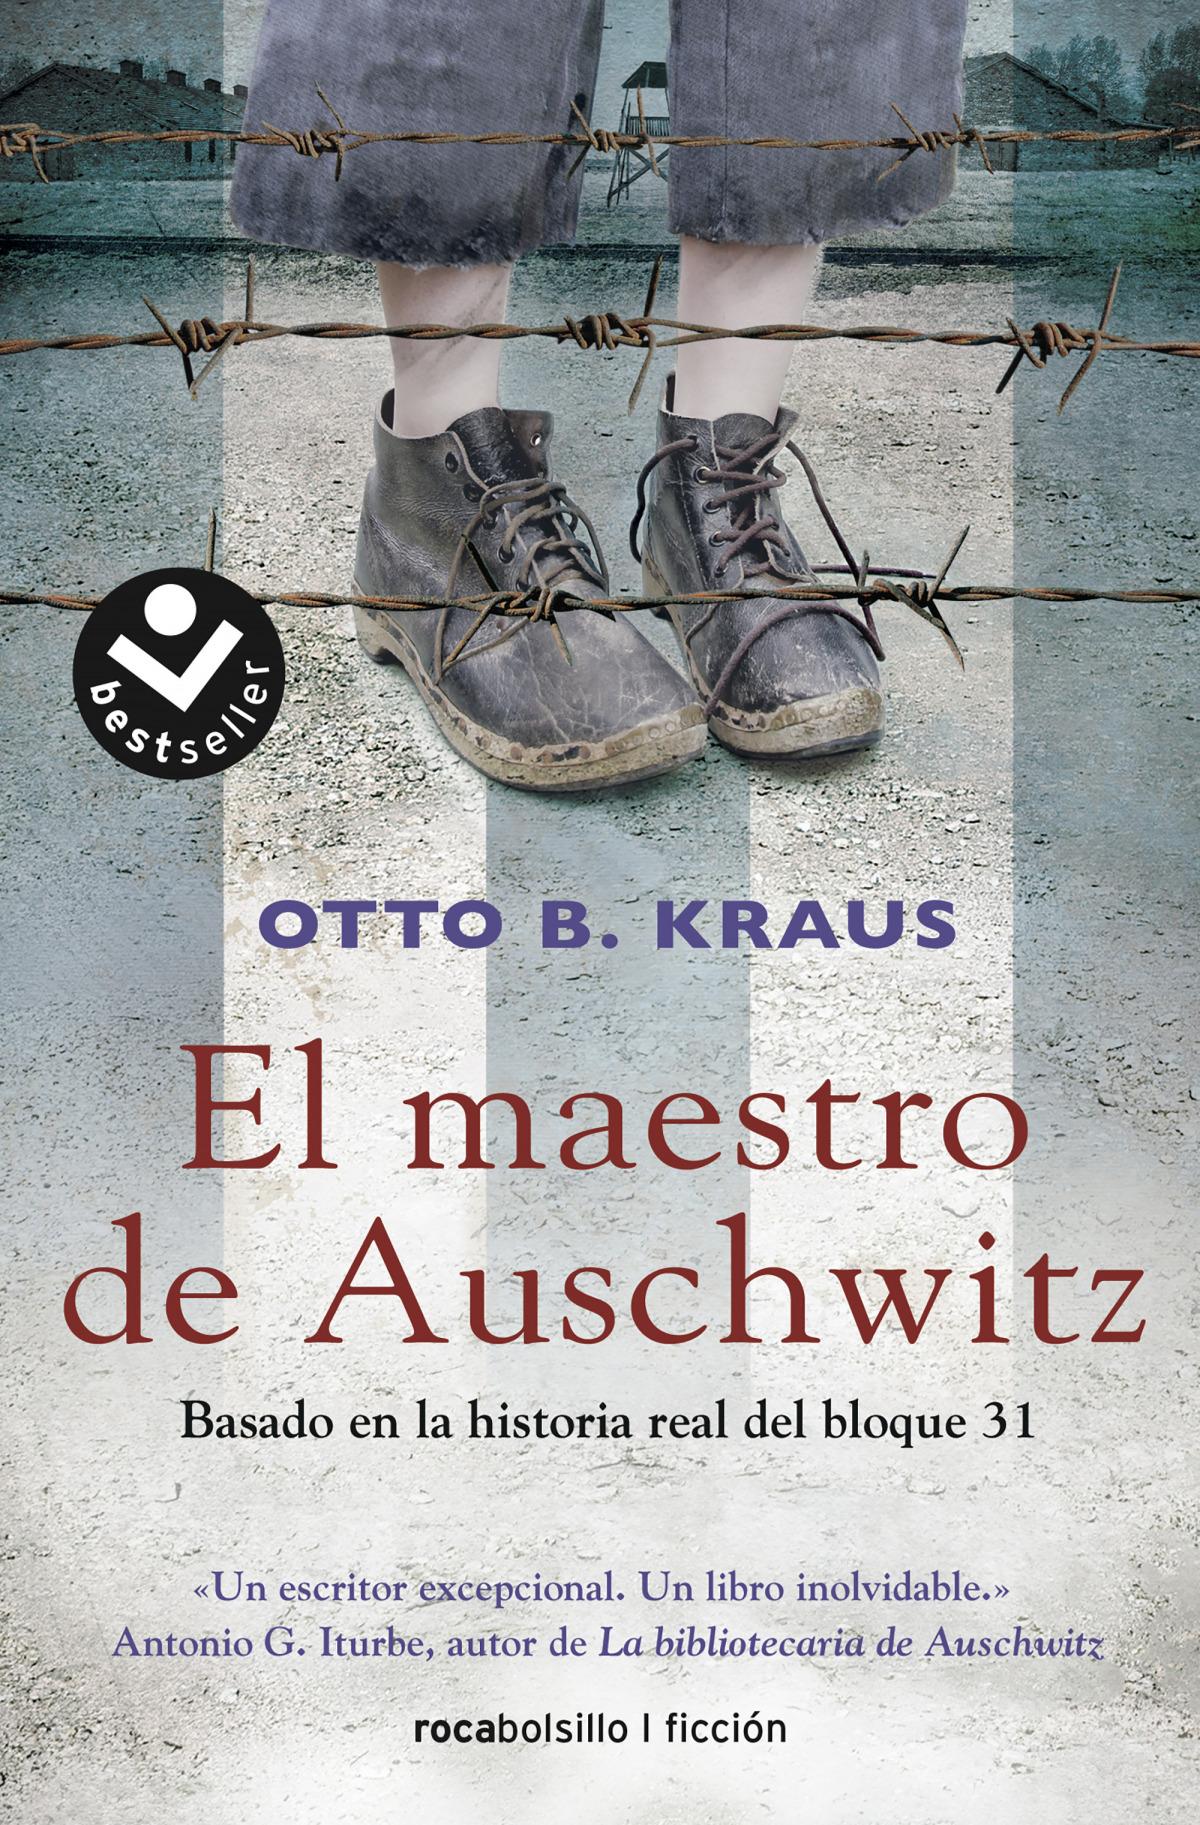 El maestro de Auschwitz